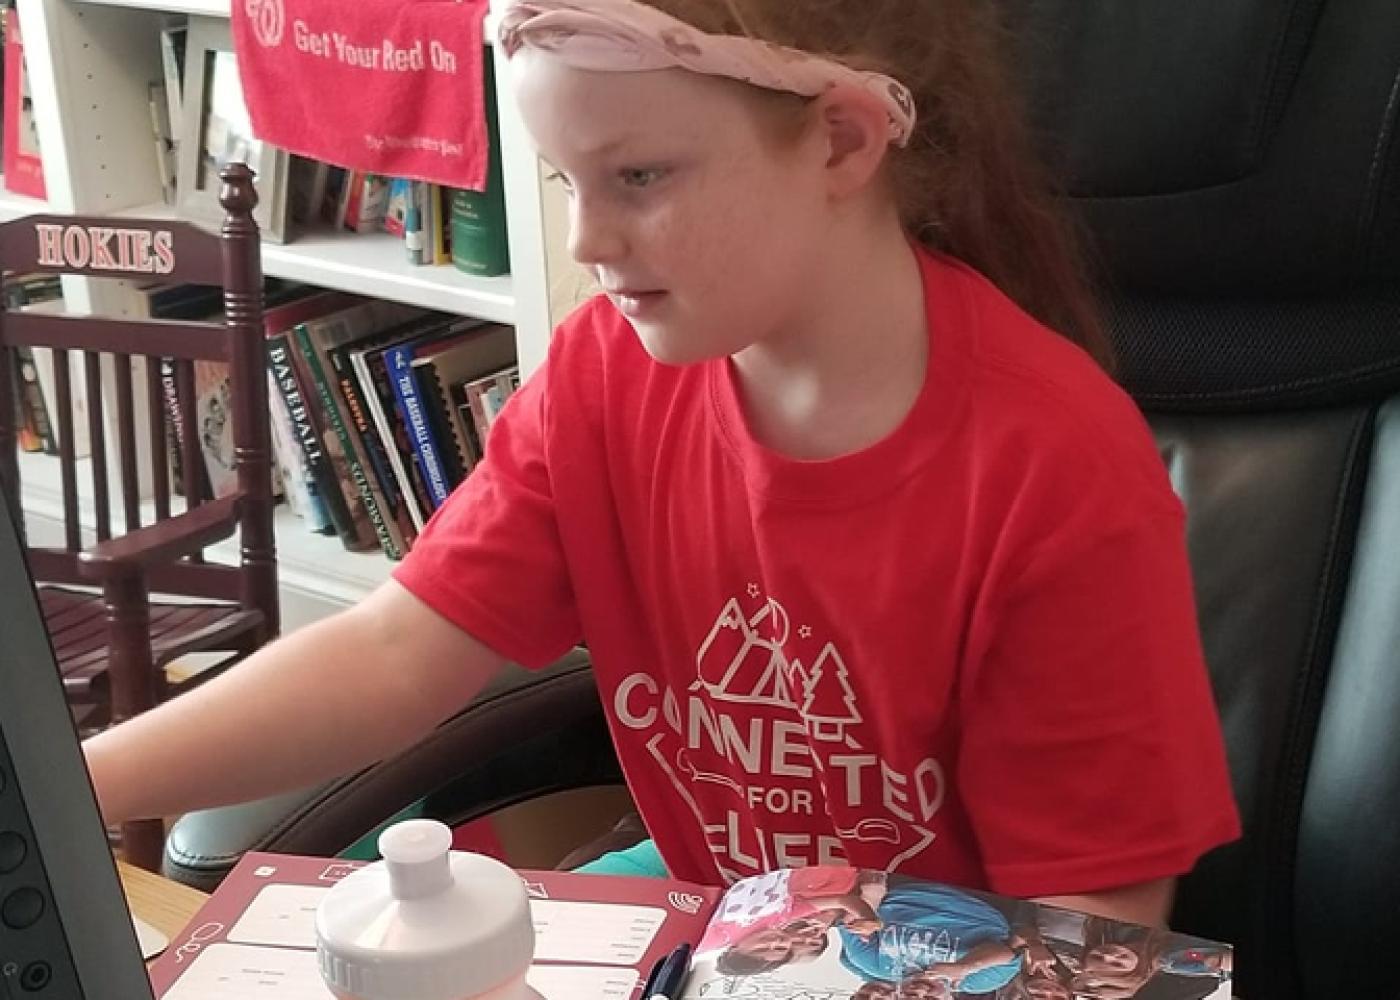 Girl in red shirt and pink bandanna at computer